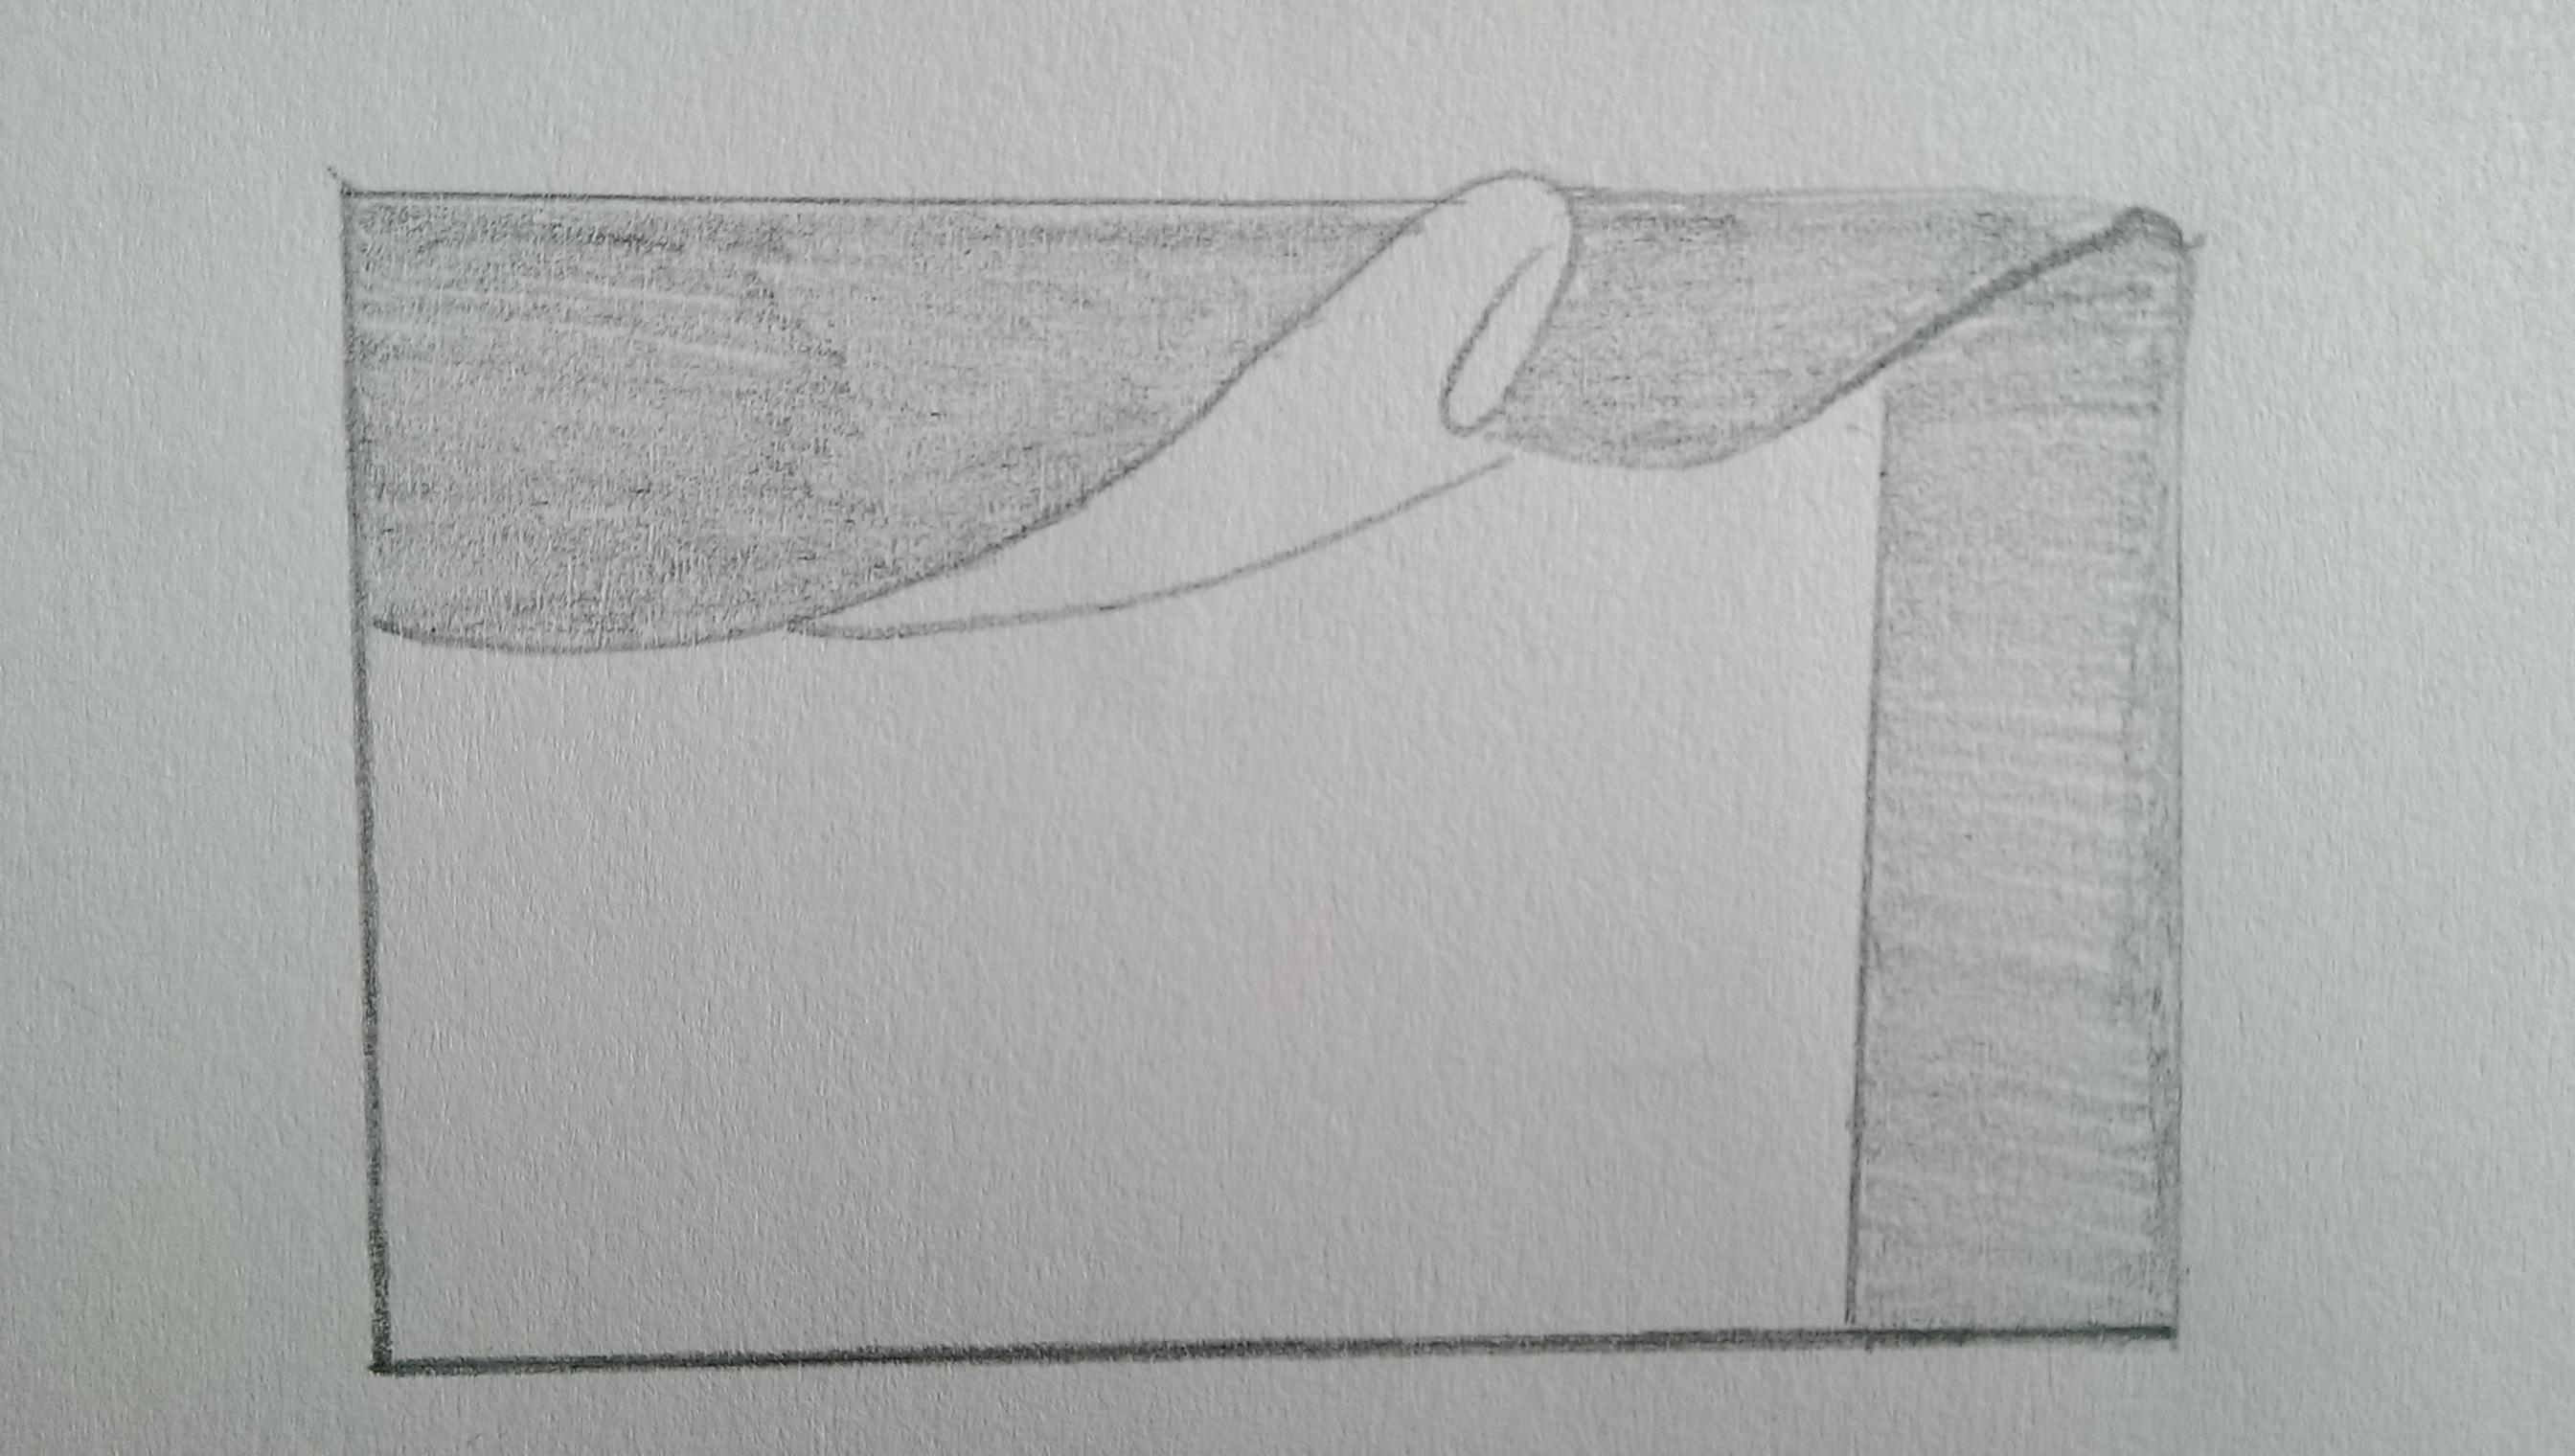 Thema 7: Ungefütterten Vorhang nähen